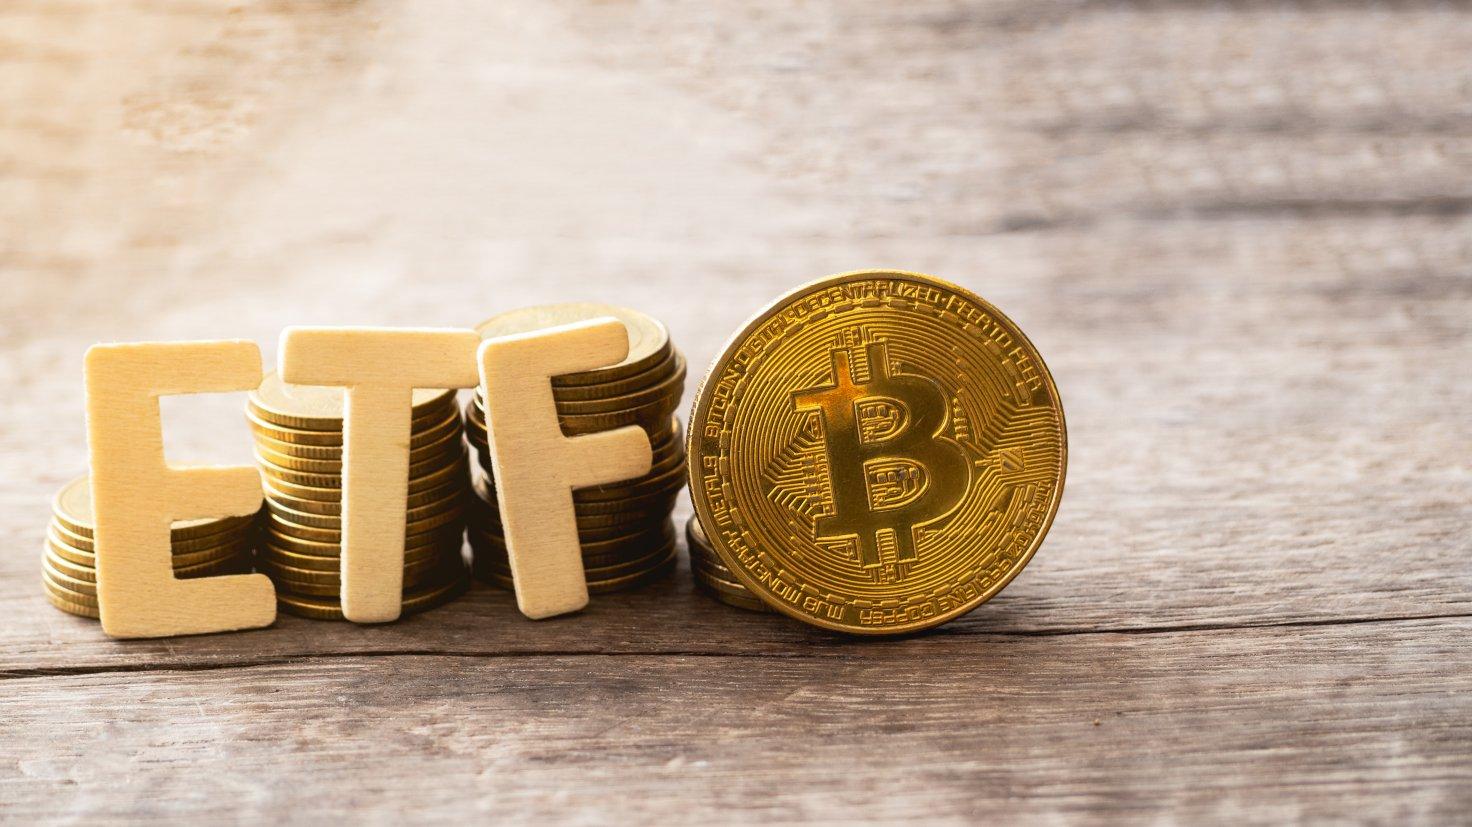 Chiến lược gia Bloomberg nói Mỹ sẽ phê duyệt ETF Bitcoin vào tháng 10, giá BTC đạt 100.000 USD